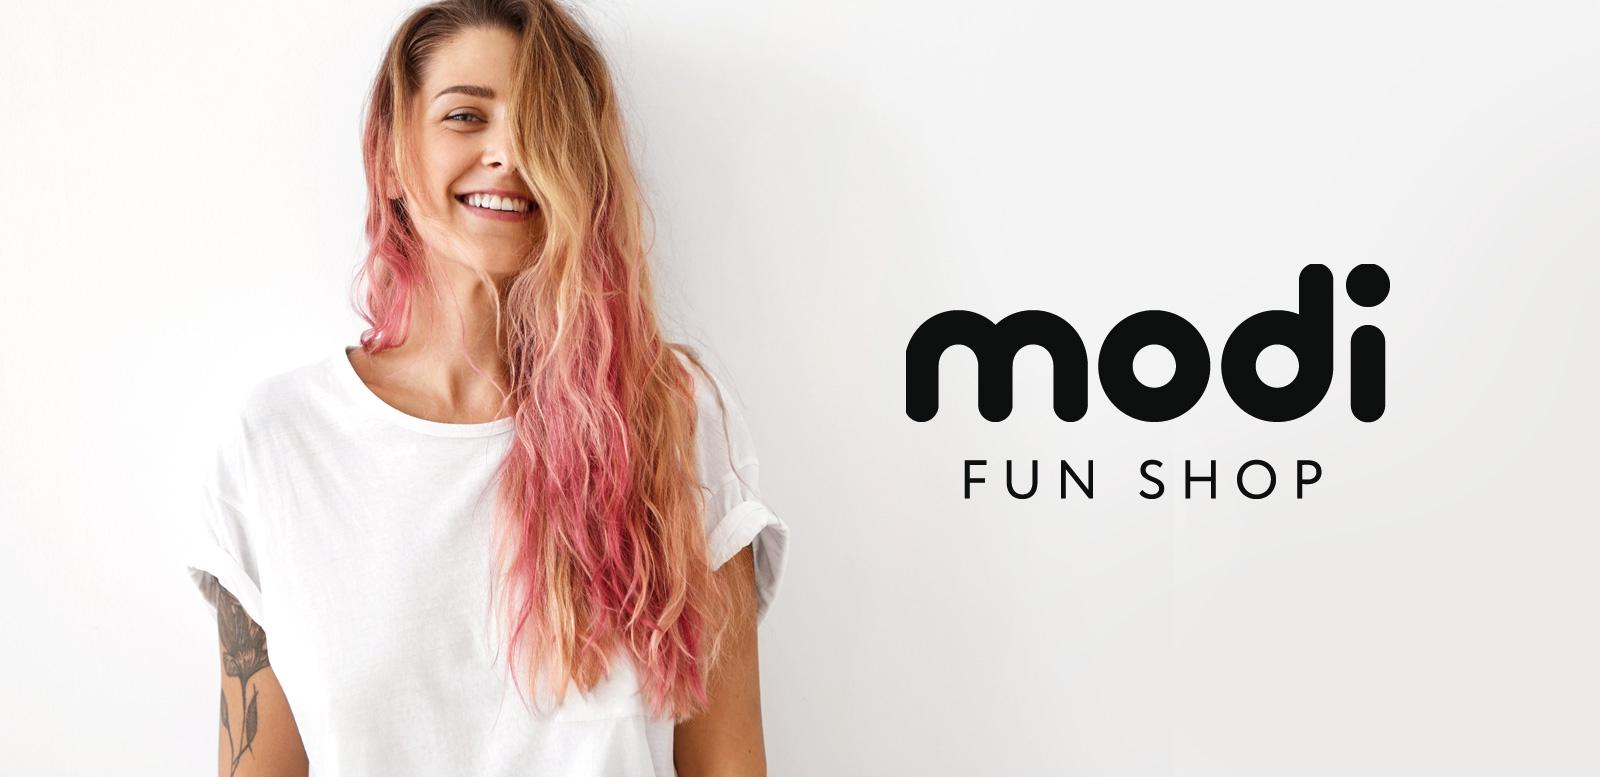 Ритейл-брендинг Modi Fun Shop — сети магазинов необычных вещей и эмоциональных подарков с авторским дизайном и доступными ценами для отличного настроения.